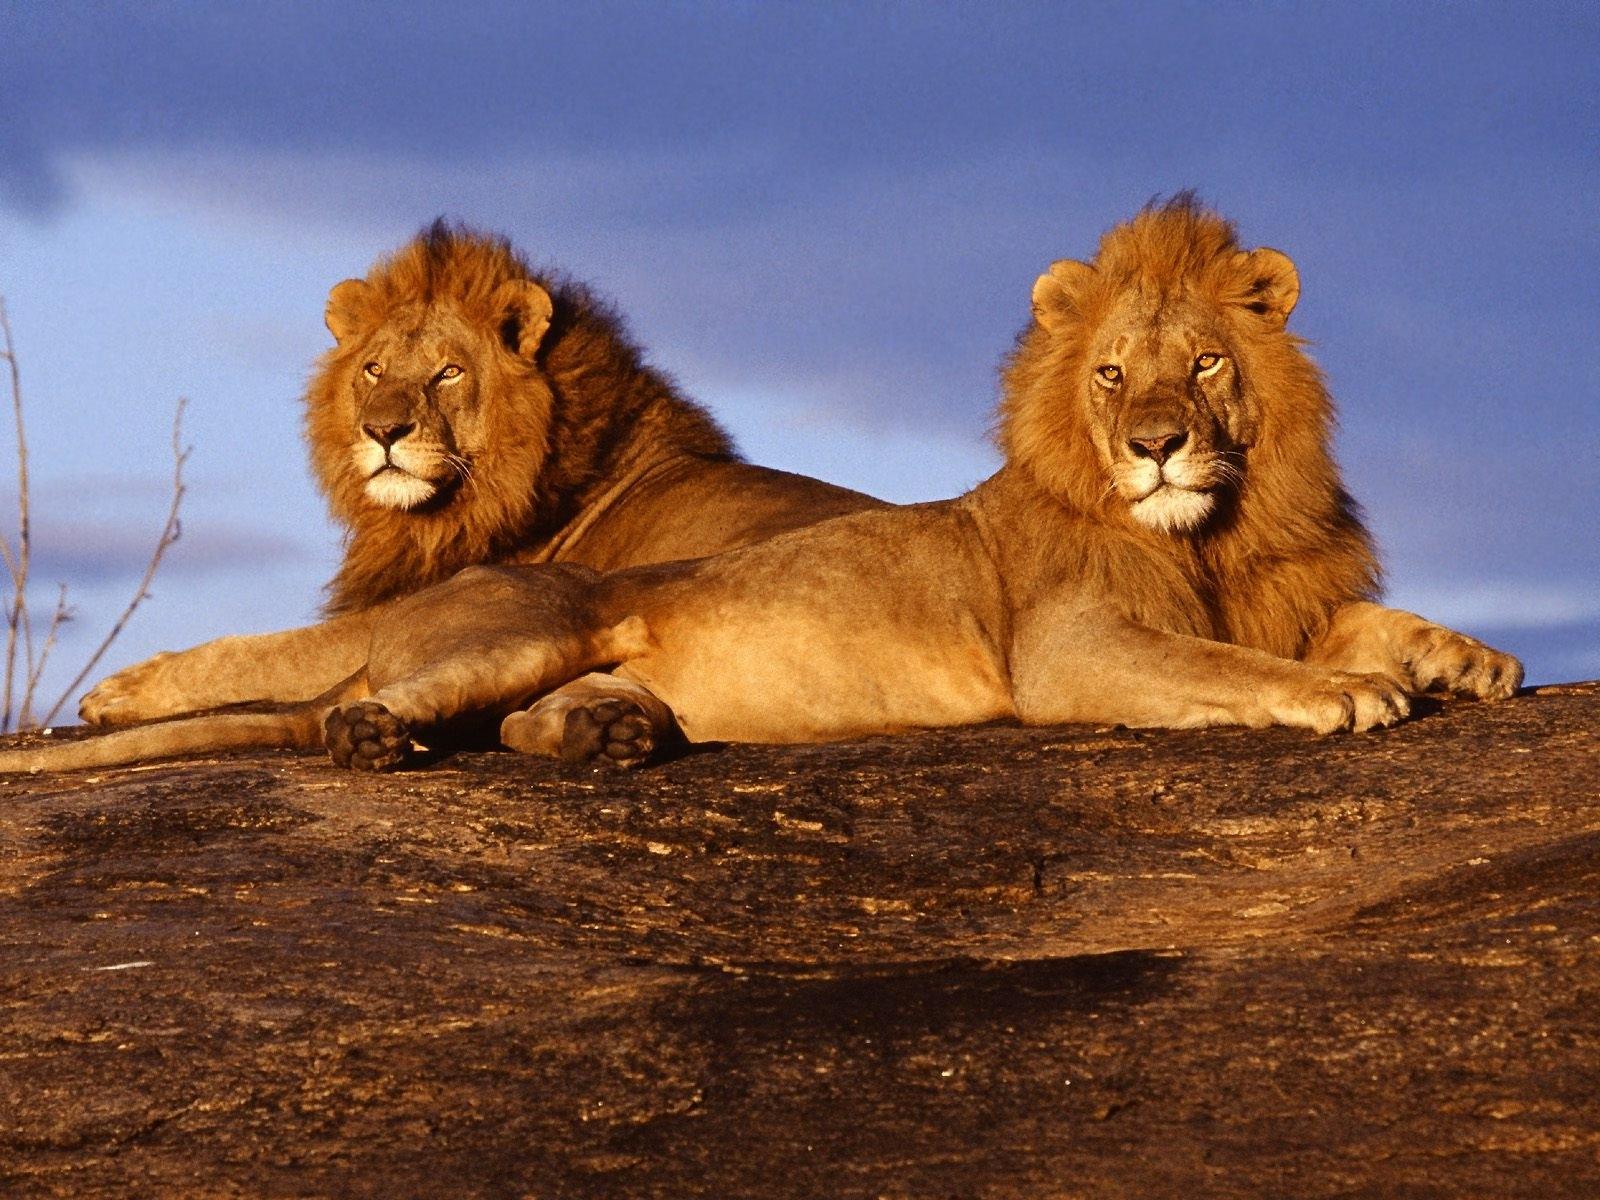 Imagenes de leones imagen leones descansando - Animales salvajes apareandose ...